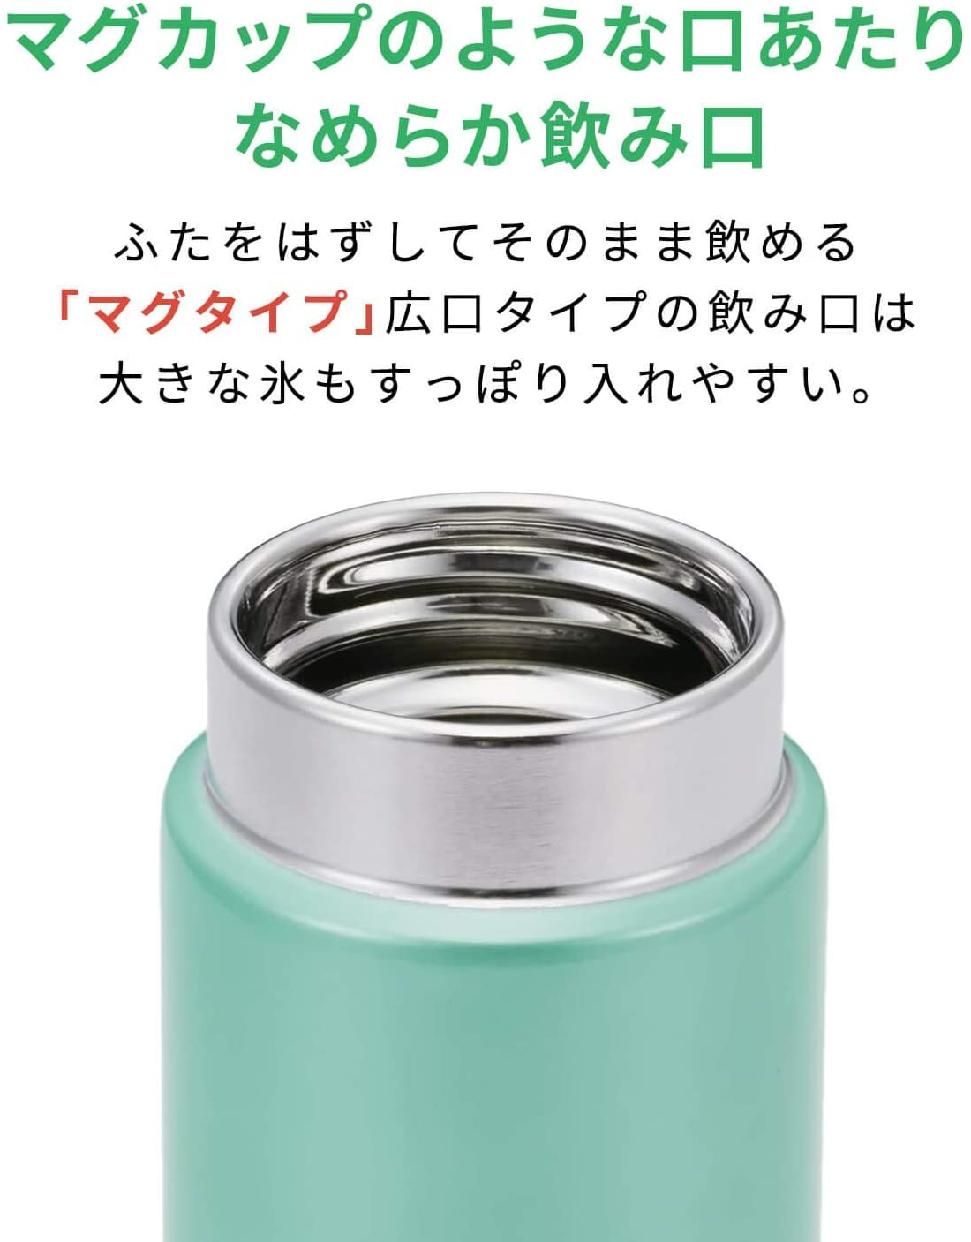 タイガー魔法瓶(たいがーまほうびん)ステンレスミニボトル MMP-J020の商品画像4